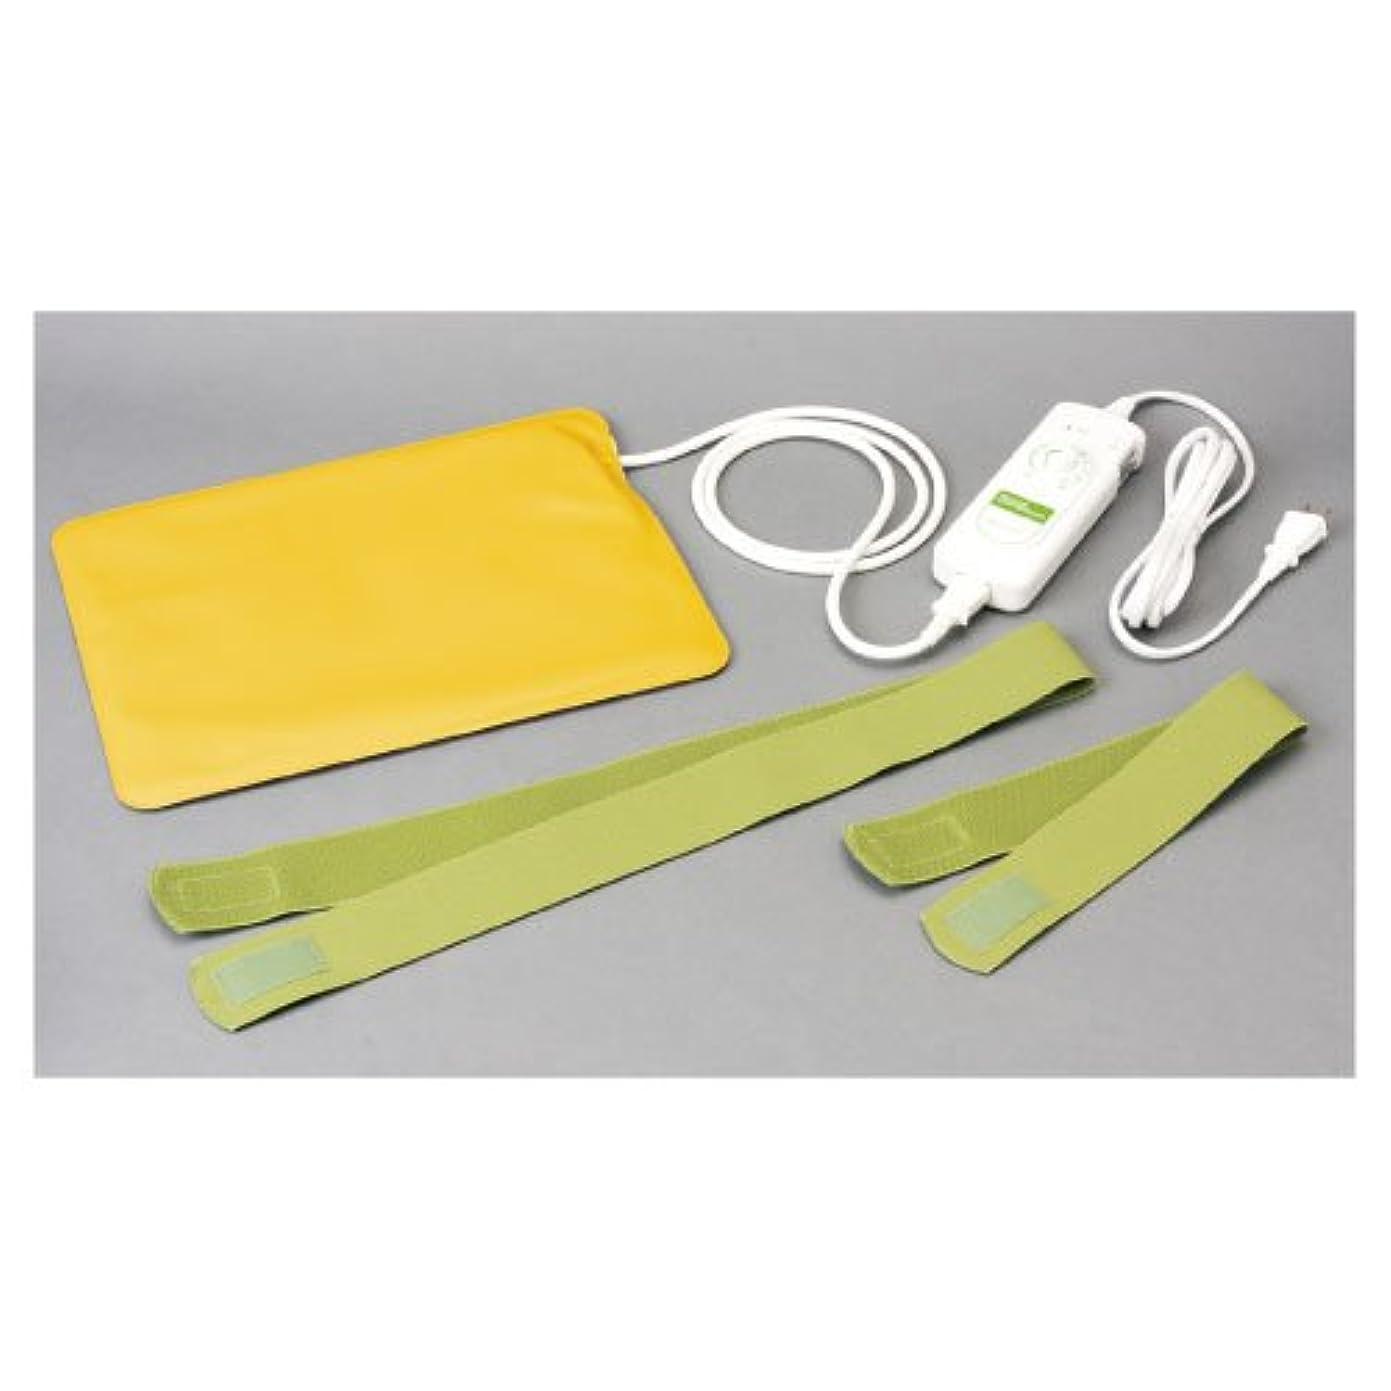 パラメータ減る試す温熱治療器 サンホットHC KB-216